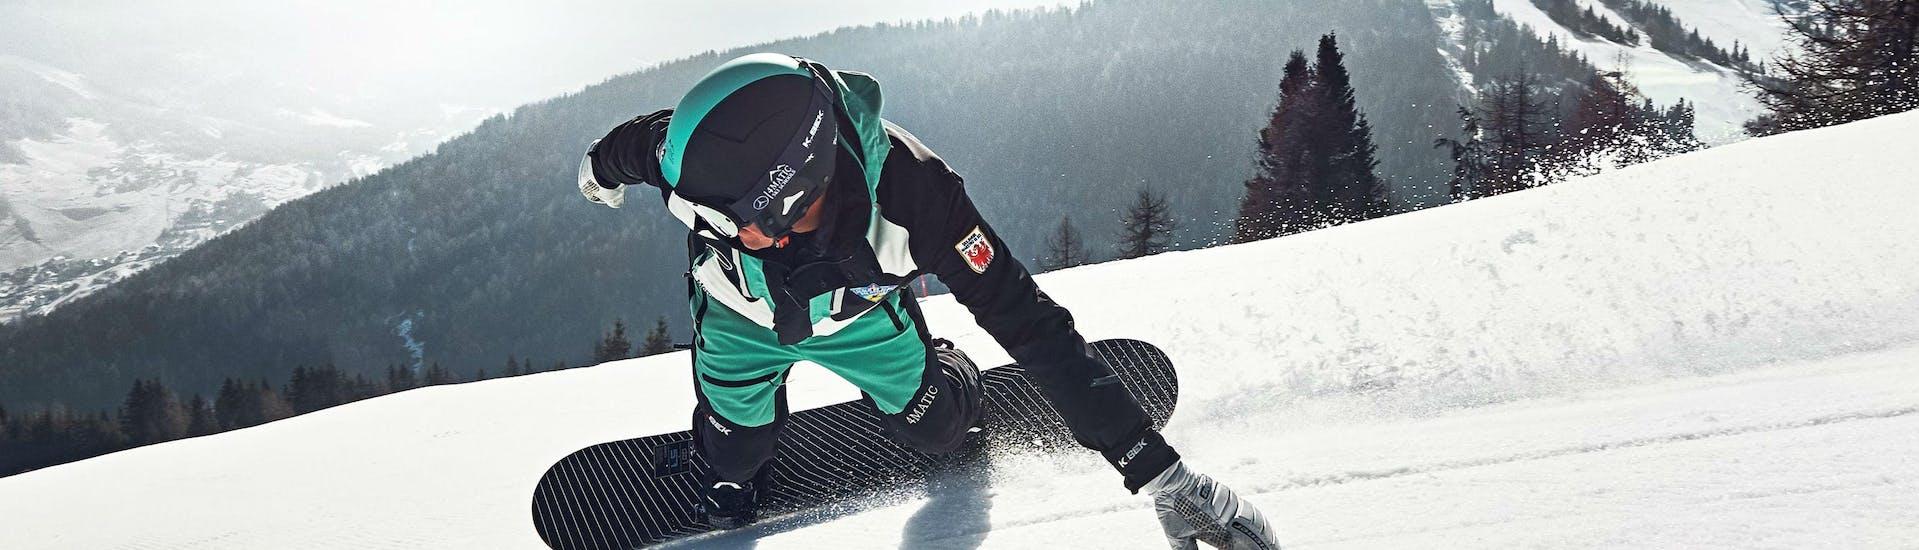 Privater Snowboardkurs für Kinder & Erwachsene - Feiertage